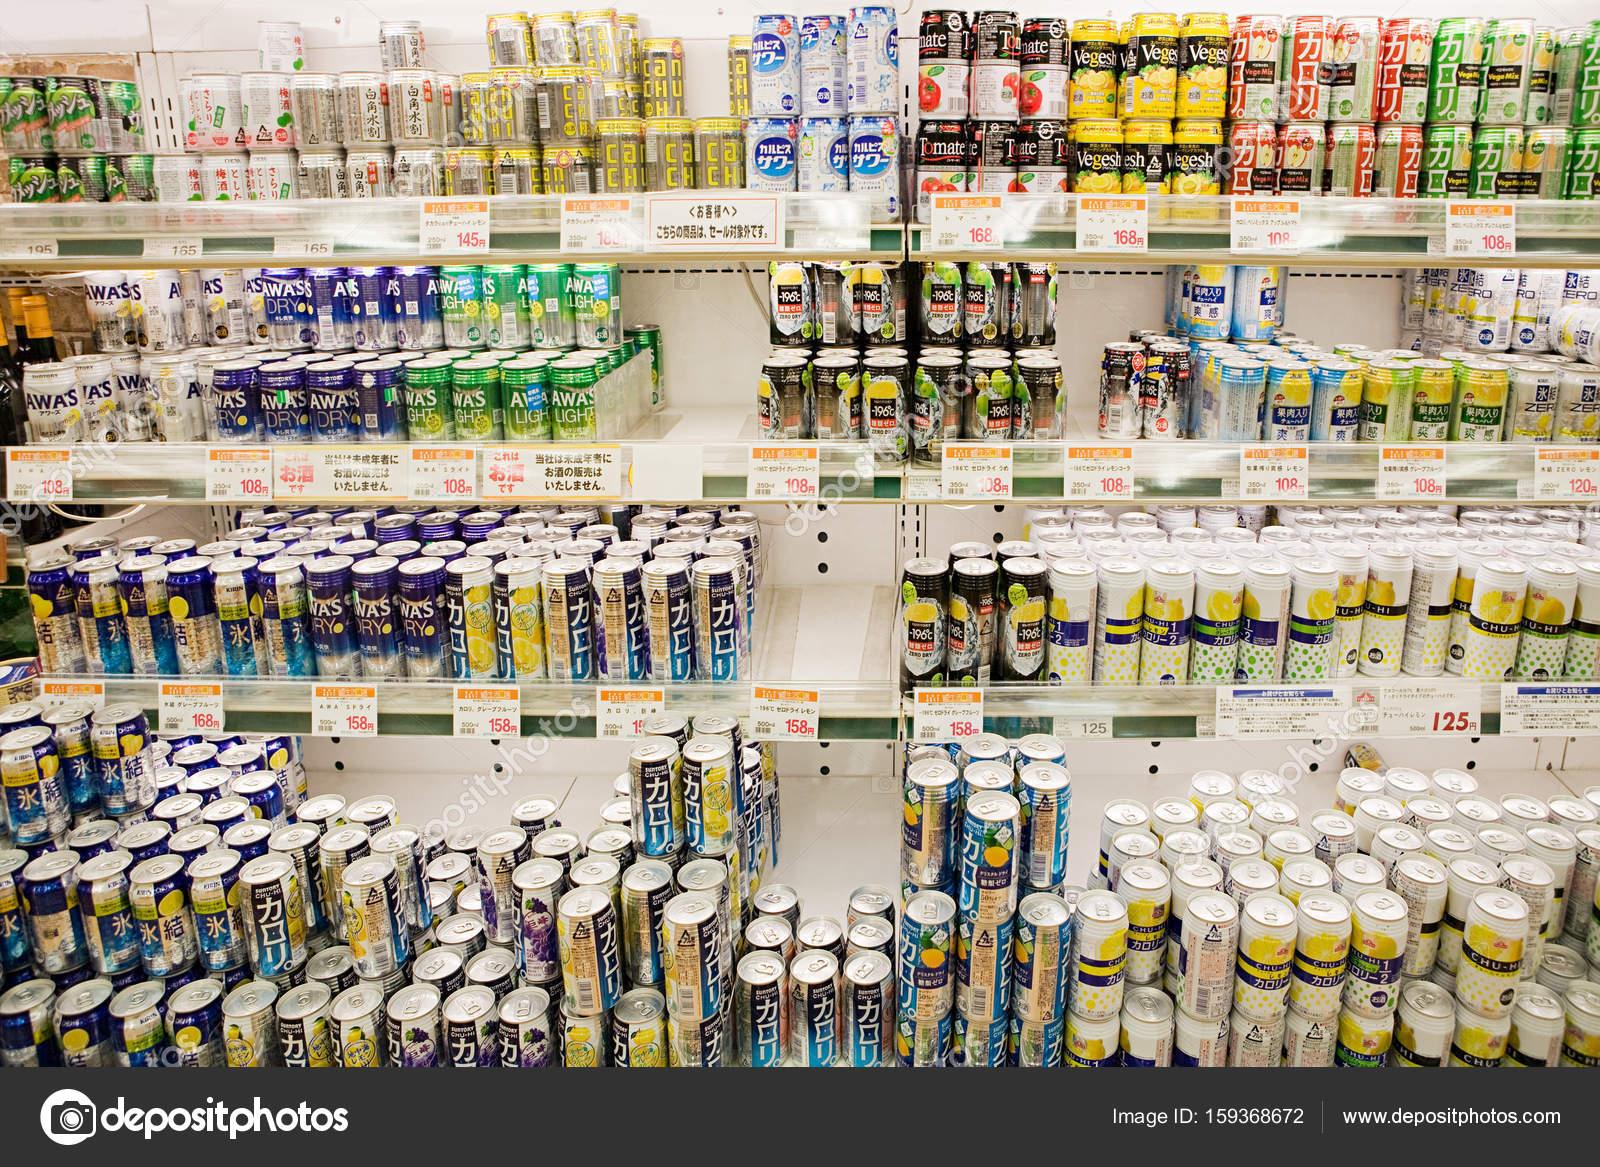 Kühlschrank Dosen : Dosen von chuhai im kühlschrank u2014 stockfoto © imagesource #159368672